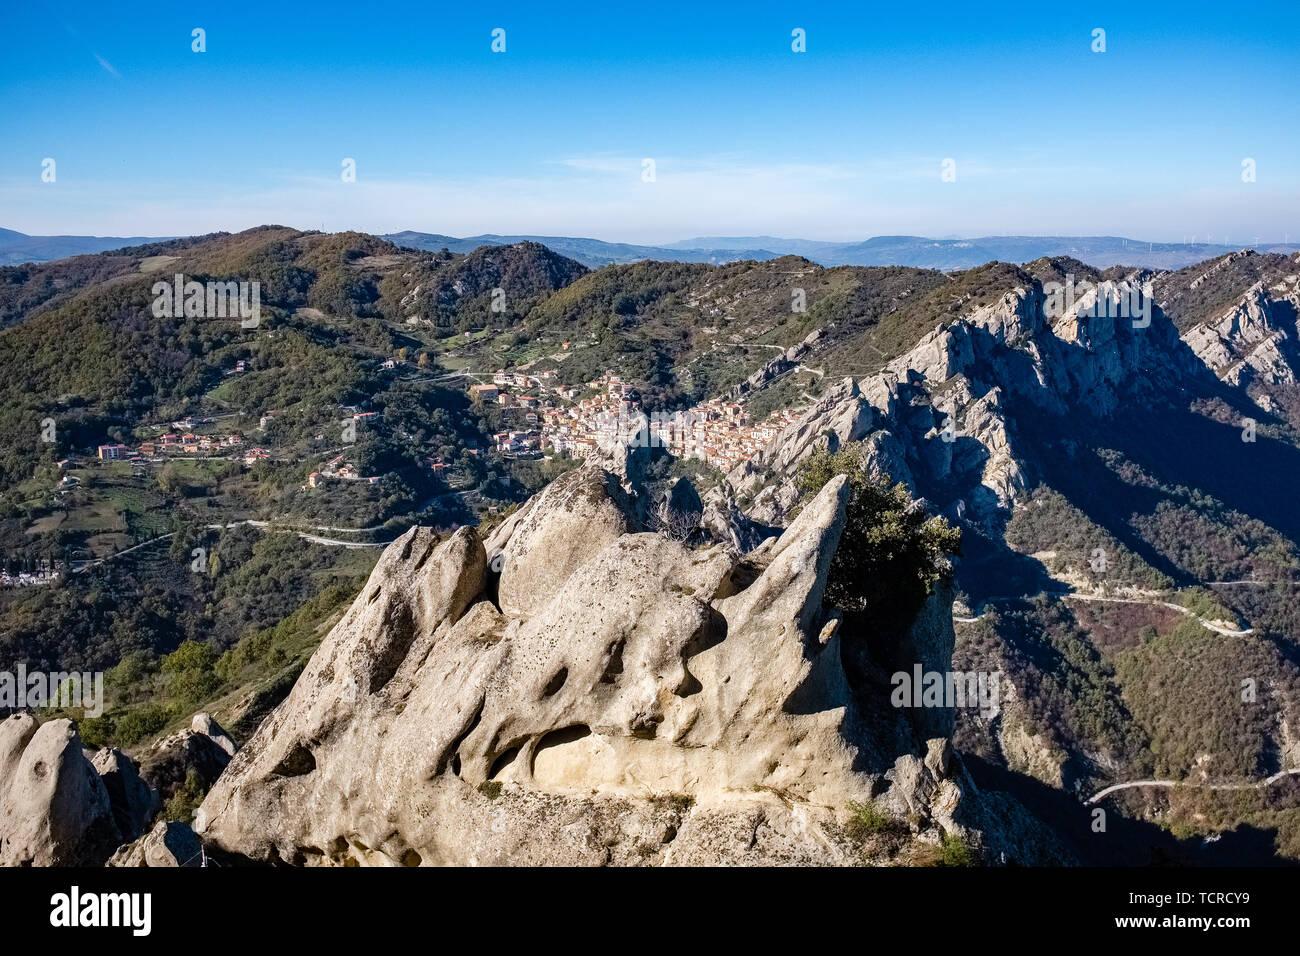 Landscape of Dolomites of Basilicata mountains called Dolomiti Lucane.  In the background Castelmezzano village. Basilicata region, Italy - Stock Image